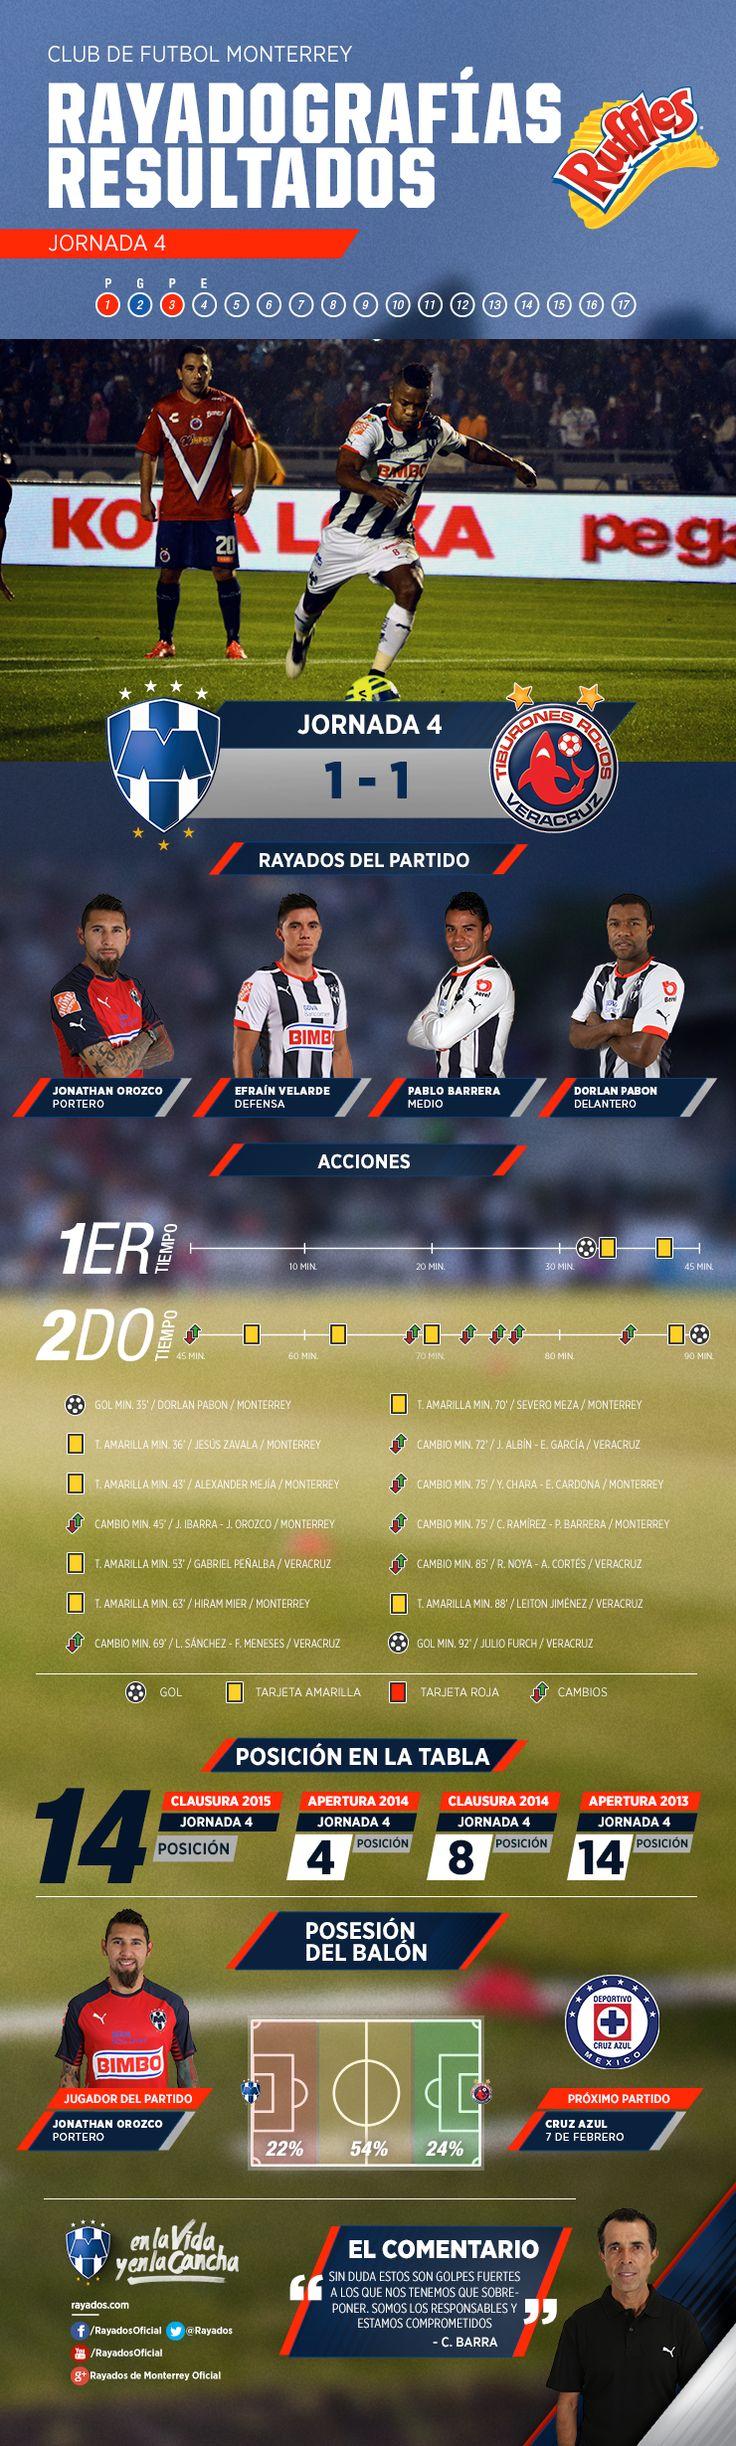 La #Rayadografía post partido Rayados vs. Veracruz es presentada por Ruffles MX.  Para ver la imagen de un mayor tamaño y detalles, da clic aquí: http://www.rayados.com/noticias/7863/rayadografa_post_a_la_jornada_4_del_torneo_clausura_2015